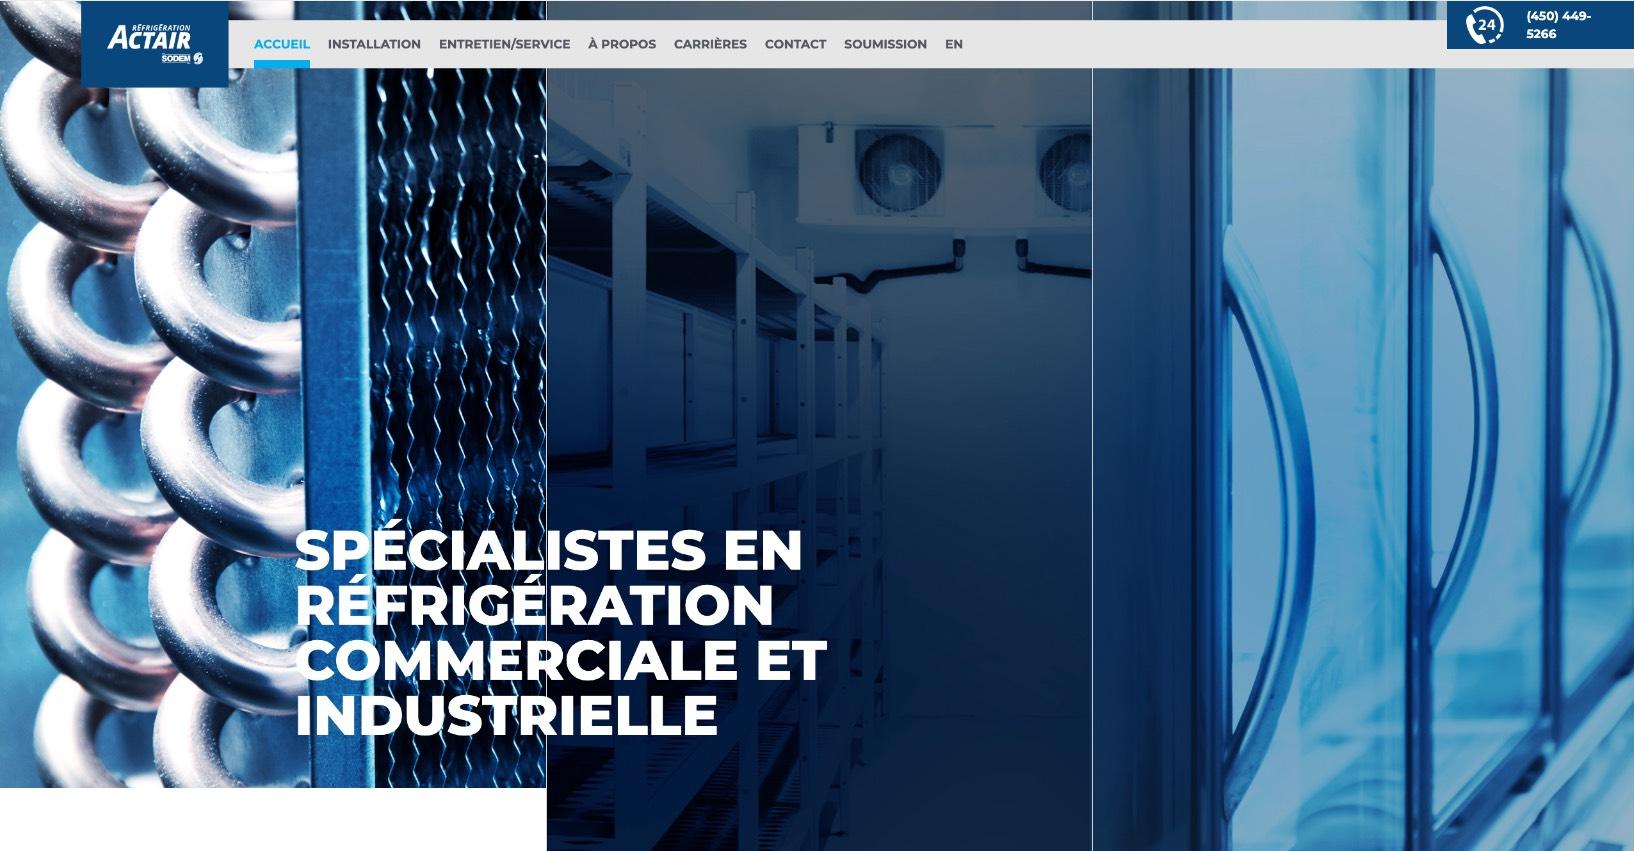 Agence de stratégie numérique | Identité visuelle renforcée